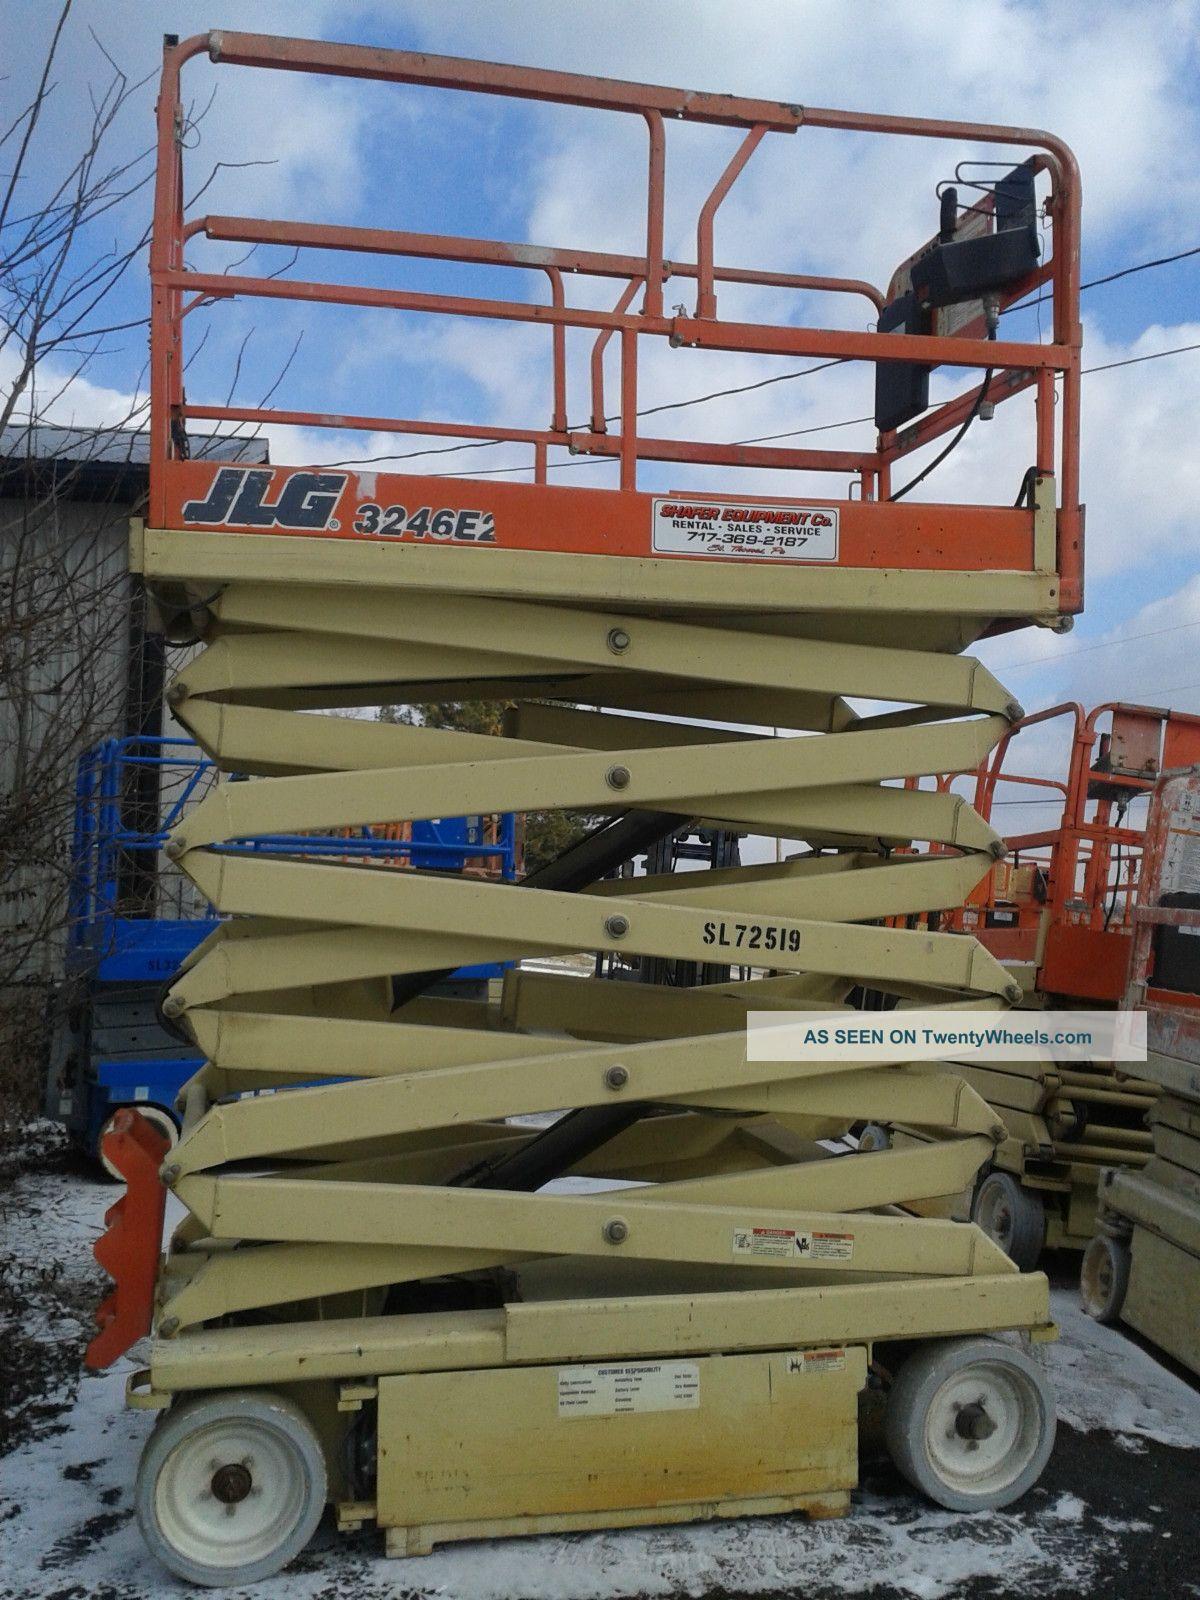 jlg electric scissor lift related keywords suggestions jlg jlg 3246e2 electric scissor lift aerial work platform genie skyjack